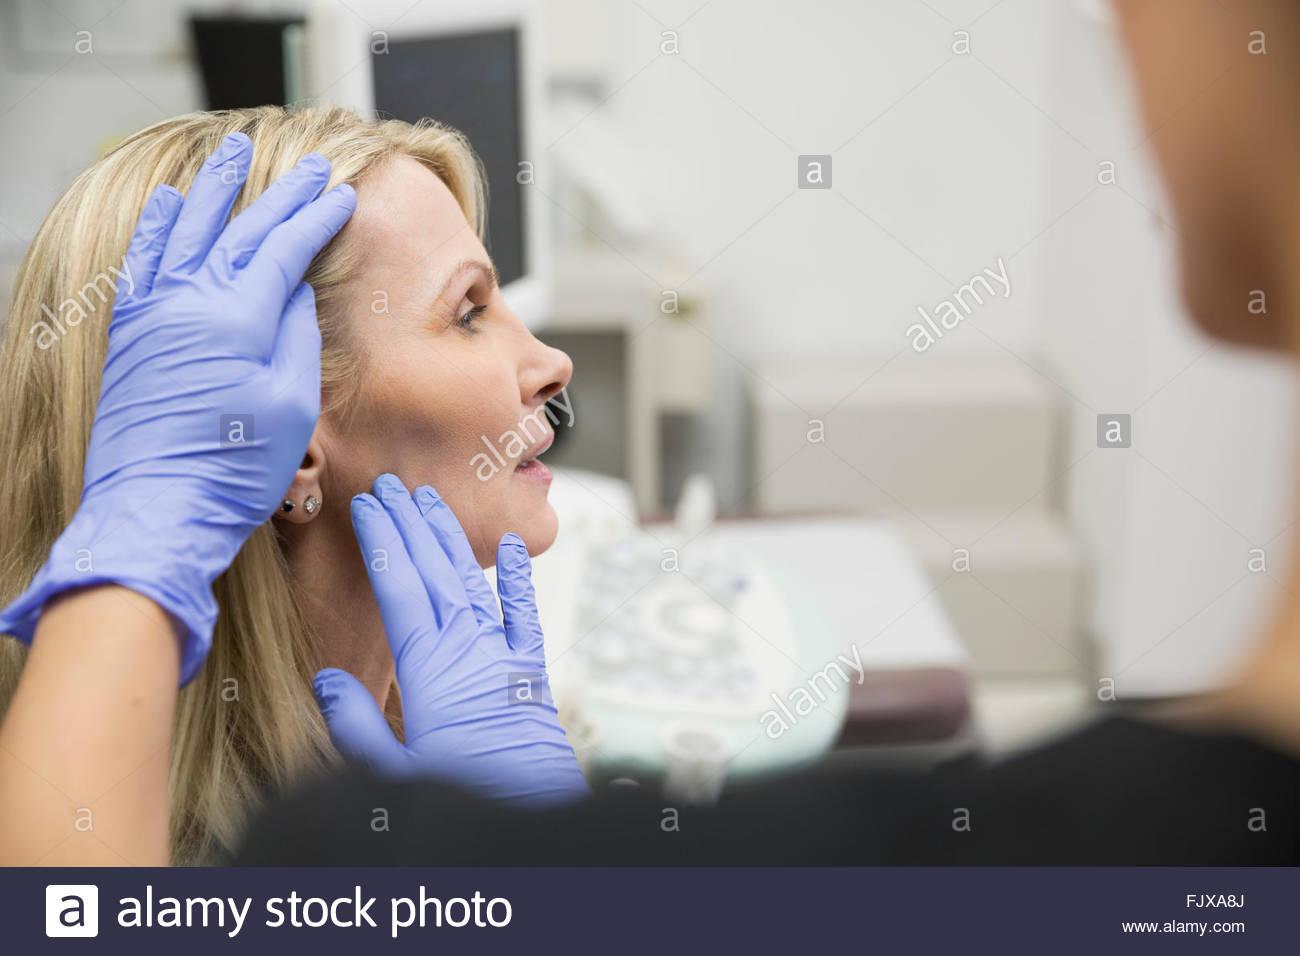 Chirurgo di plastica con i guanti di gomma esaminando womans guancia Immagini Stock